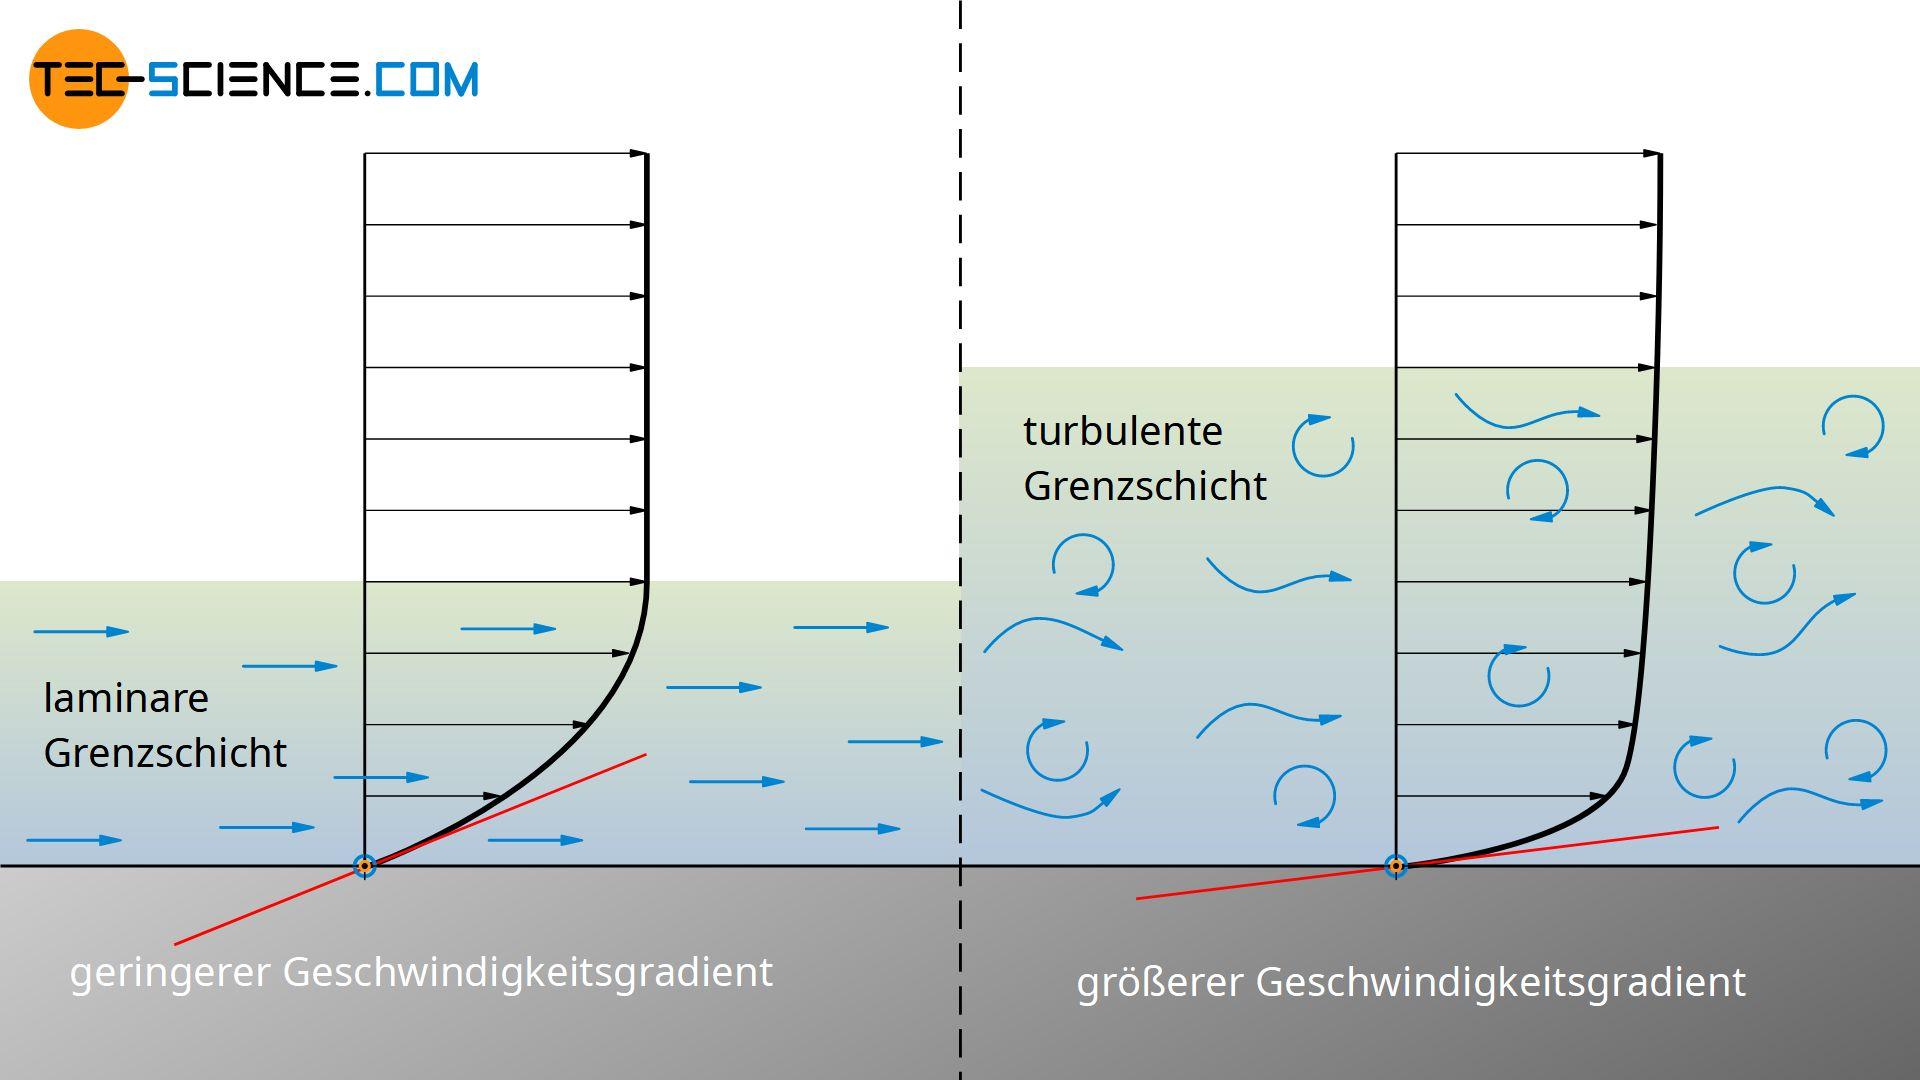 Geschwindigkeitsverteilung in einer laminaren und turbulenten Grenzschicht